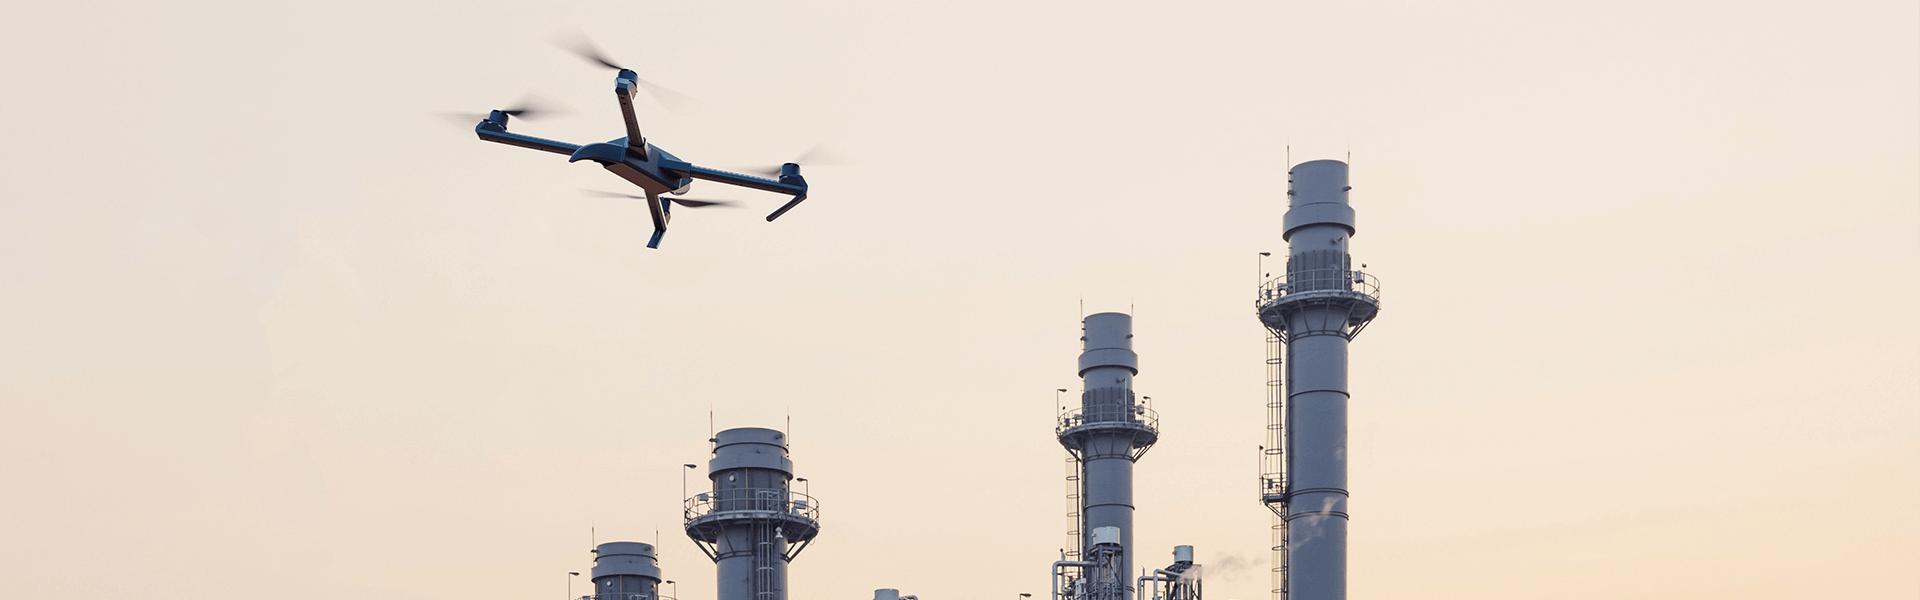 Drone-canne-fumarie-industriali